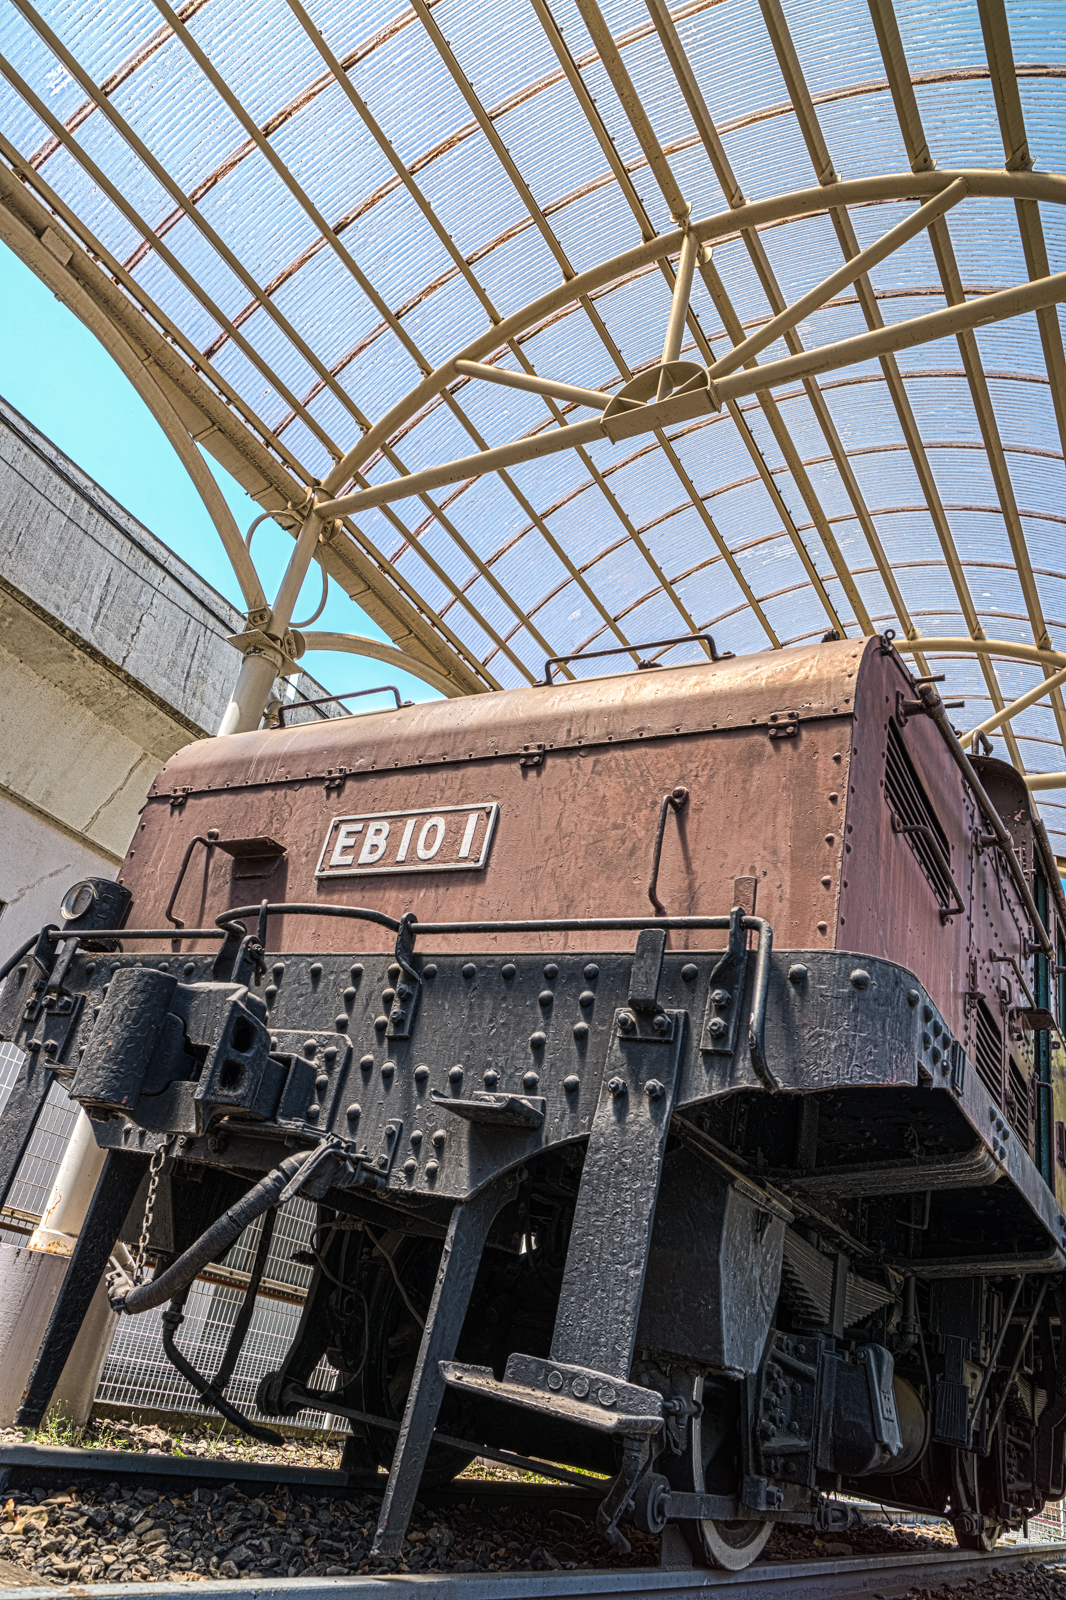 ローアングルで撮影した国鉄EB10形電気機関車EB101の写真 HDR